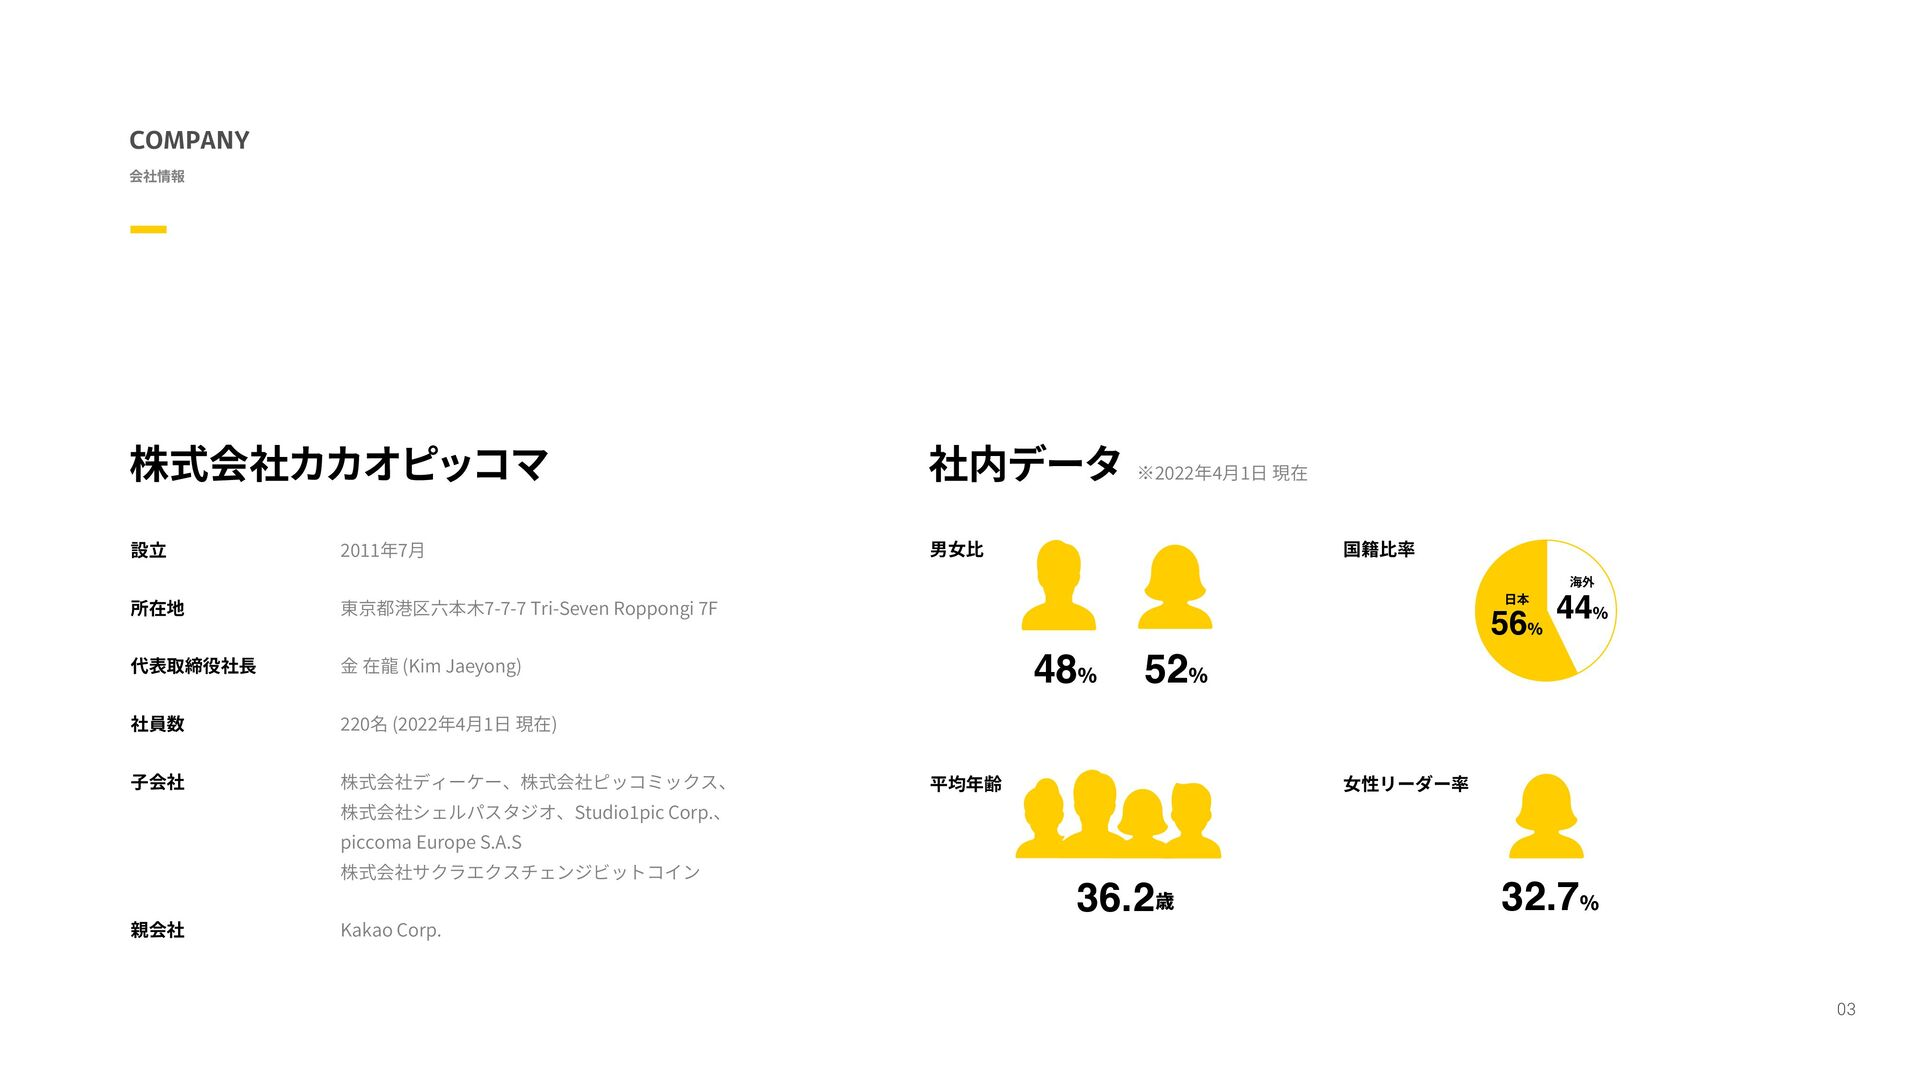 株式会社カカオジャパン 社内データ 平均年齢 女性リーダー率 ※2021年5月末時点 国籍比率...